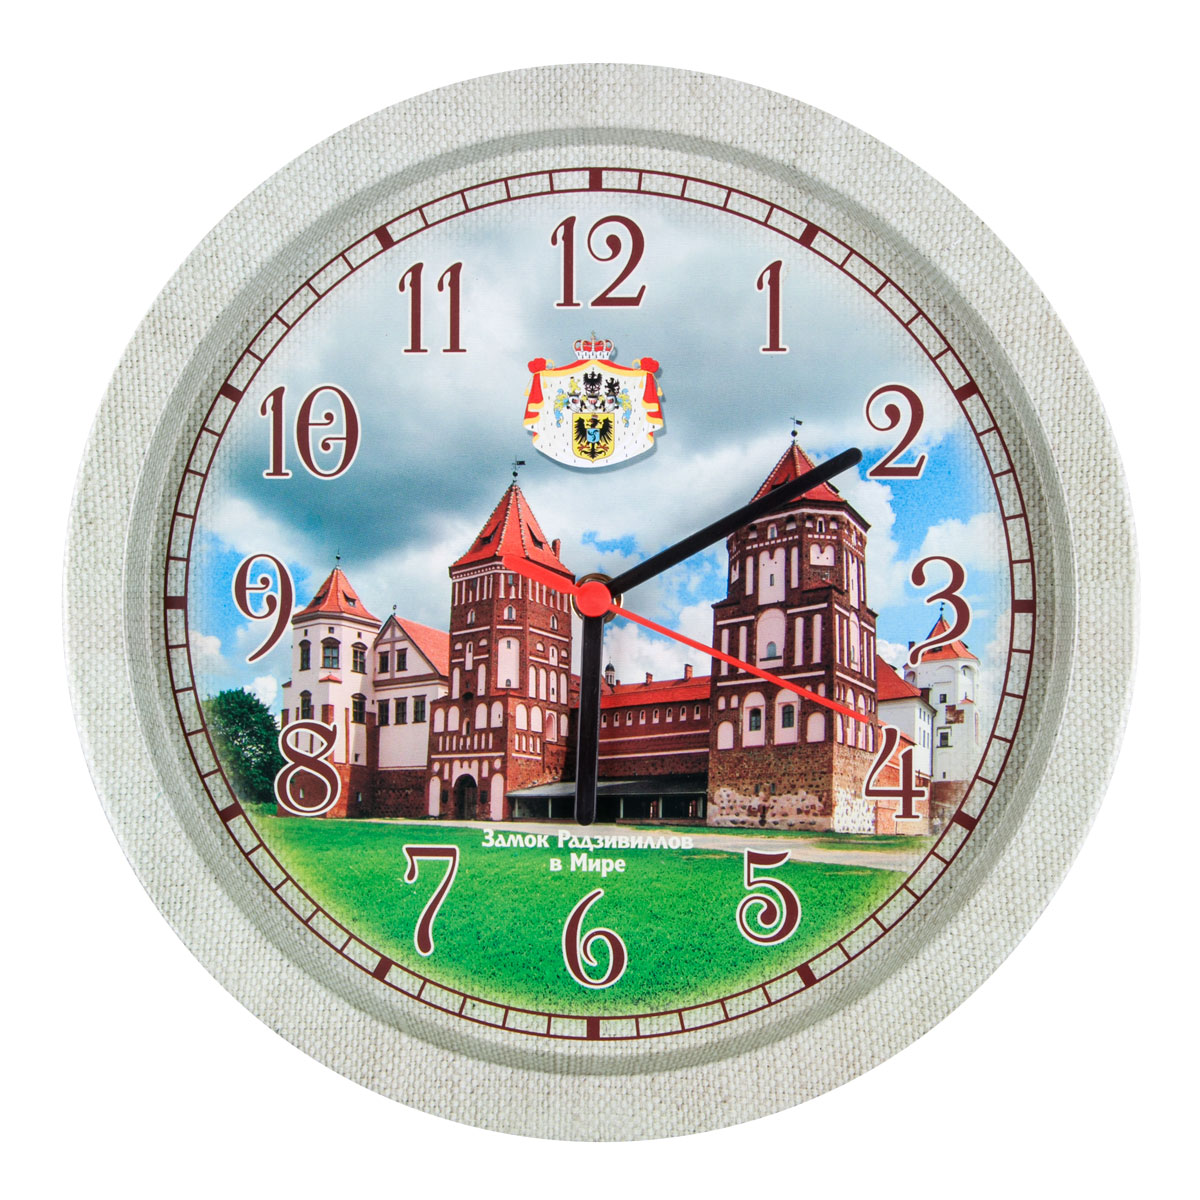 Часы настенные Miolla ЗамокCH005Оригинальные настенные часы круглой формы выполнены из стали. Часы имеюттри стрелки - часовую, минутную и секундную и циферблат с цифрами. Необычноедизайнерское решение и качество исполнения придутся по вкусу каждому. Диаметр часов: 33 см. Часы работают от 1 батарейки типа АА напряжением 1,5 В.